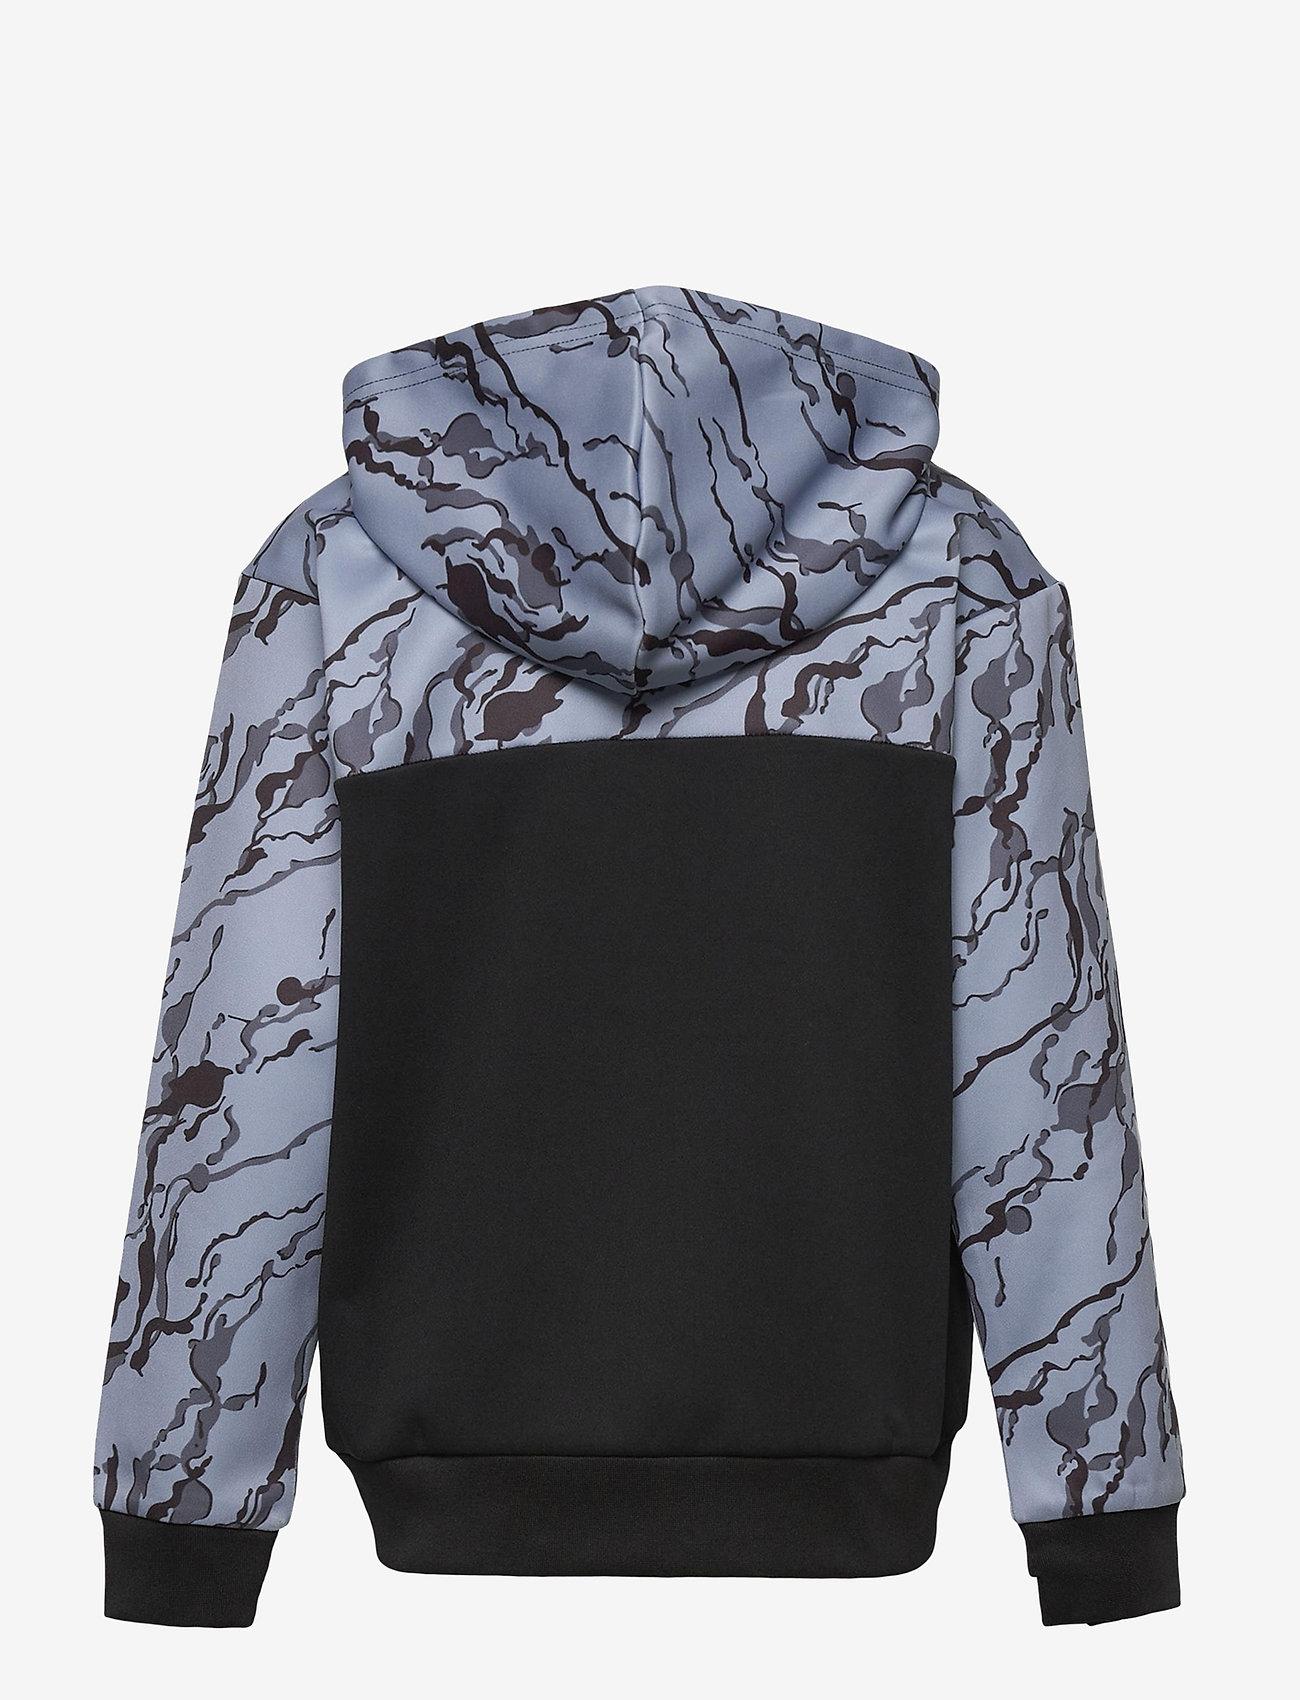 Hummel - hmlNILAR ZIP HOODIE - hoodies - black - 1